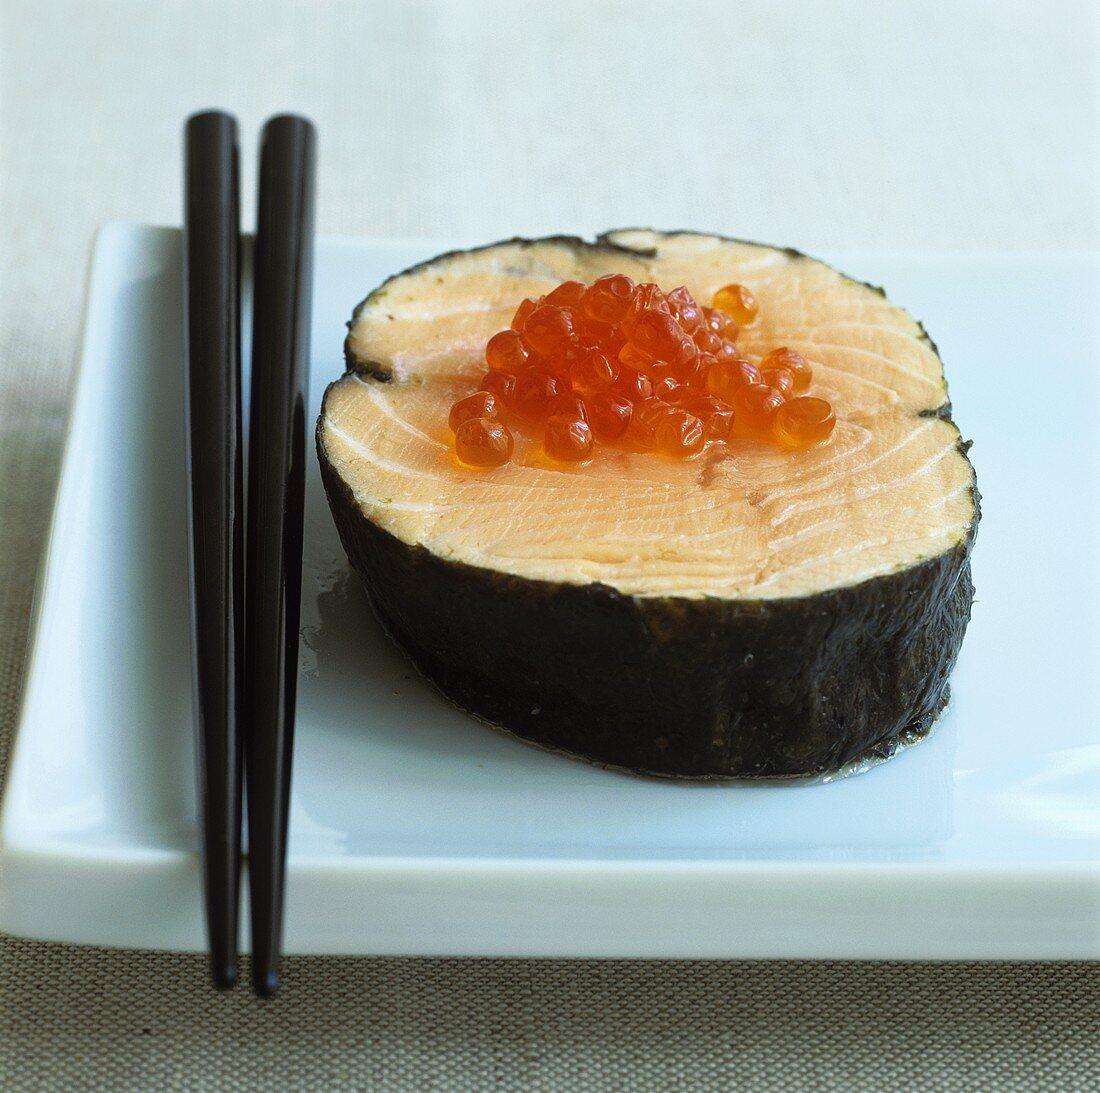 Salmon in nori leaf with salmon caviar